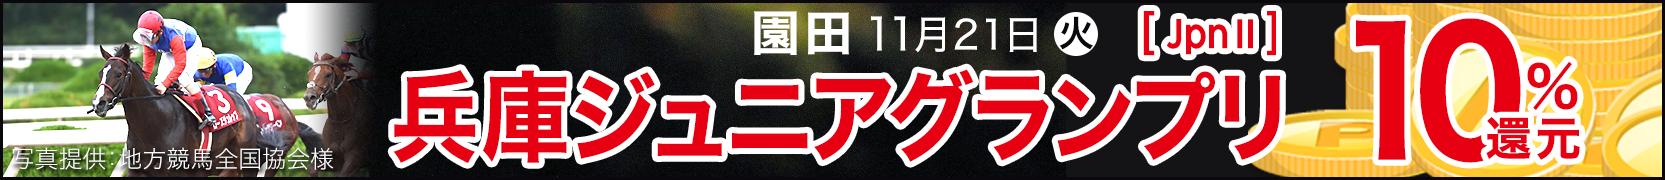 ダートグレード競走キャンペーン 兵庫ジュニアグランプリ(JpnII)